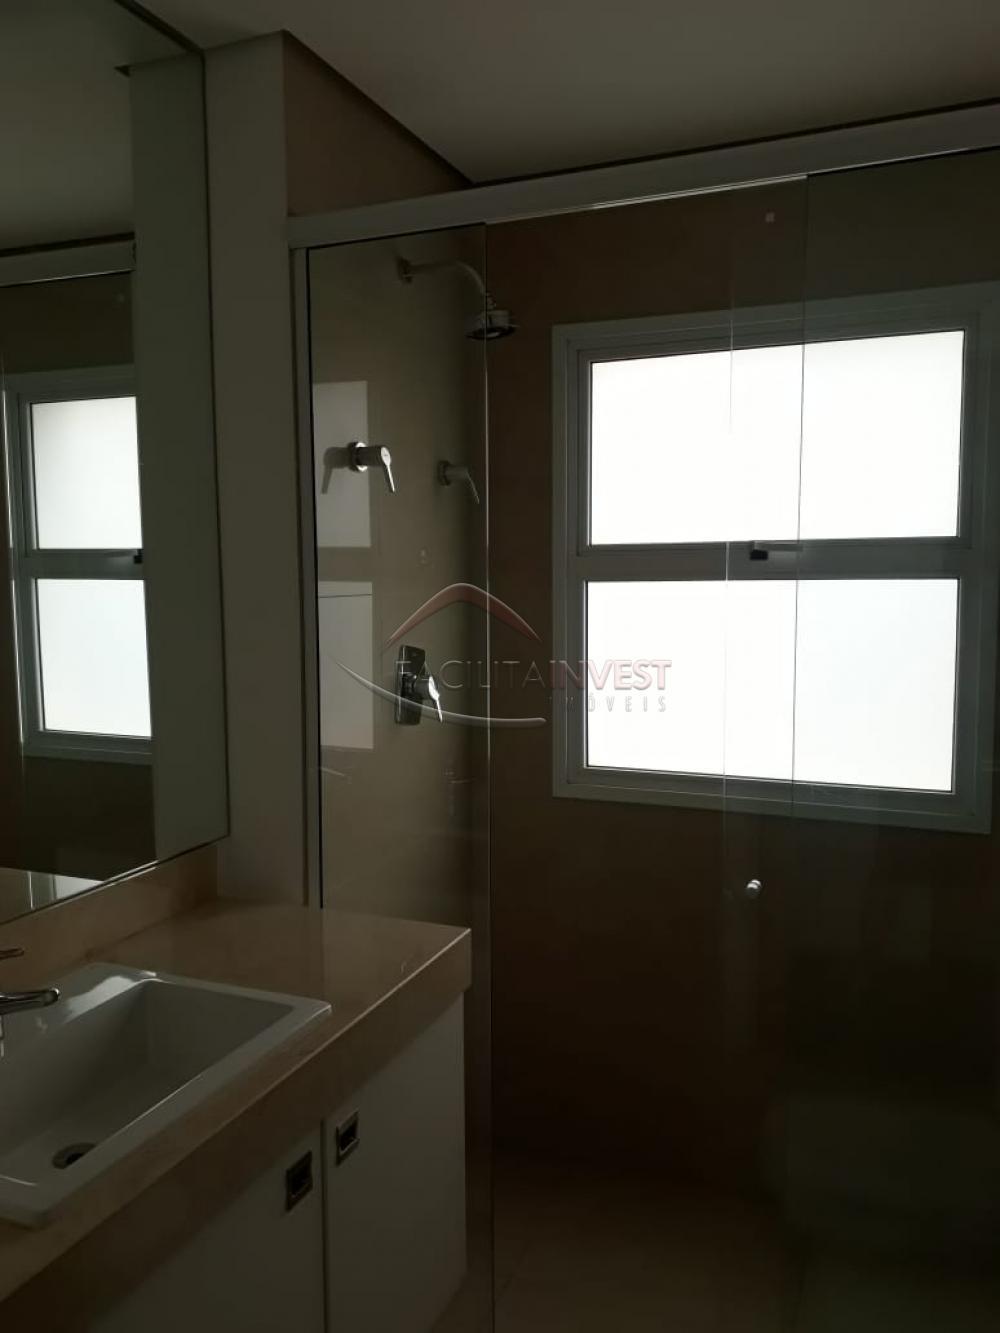 Alugar Apartamentos / Apart. Padrão em Ribeirão Preto apenas R$ 9.000,00 - Foto 18